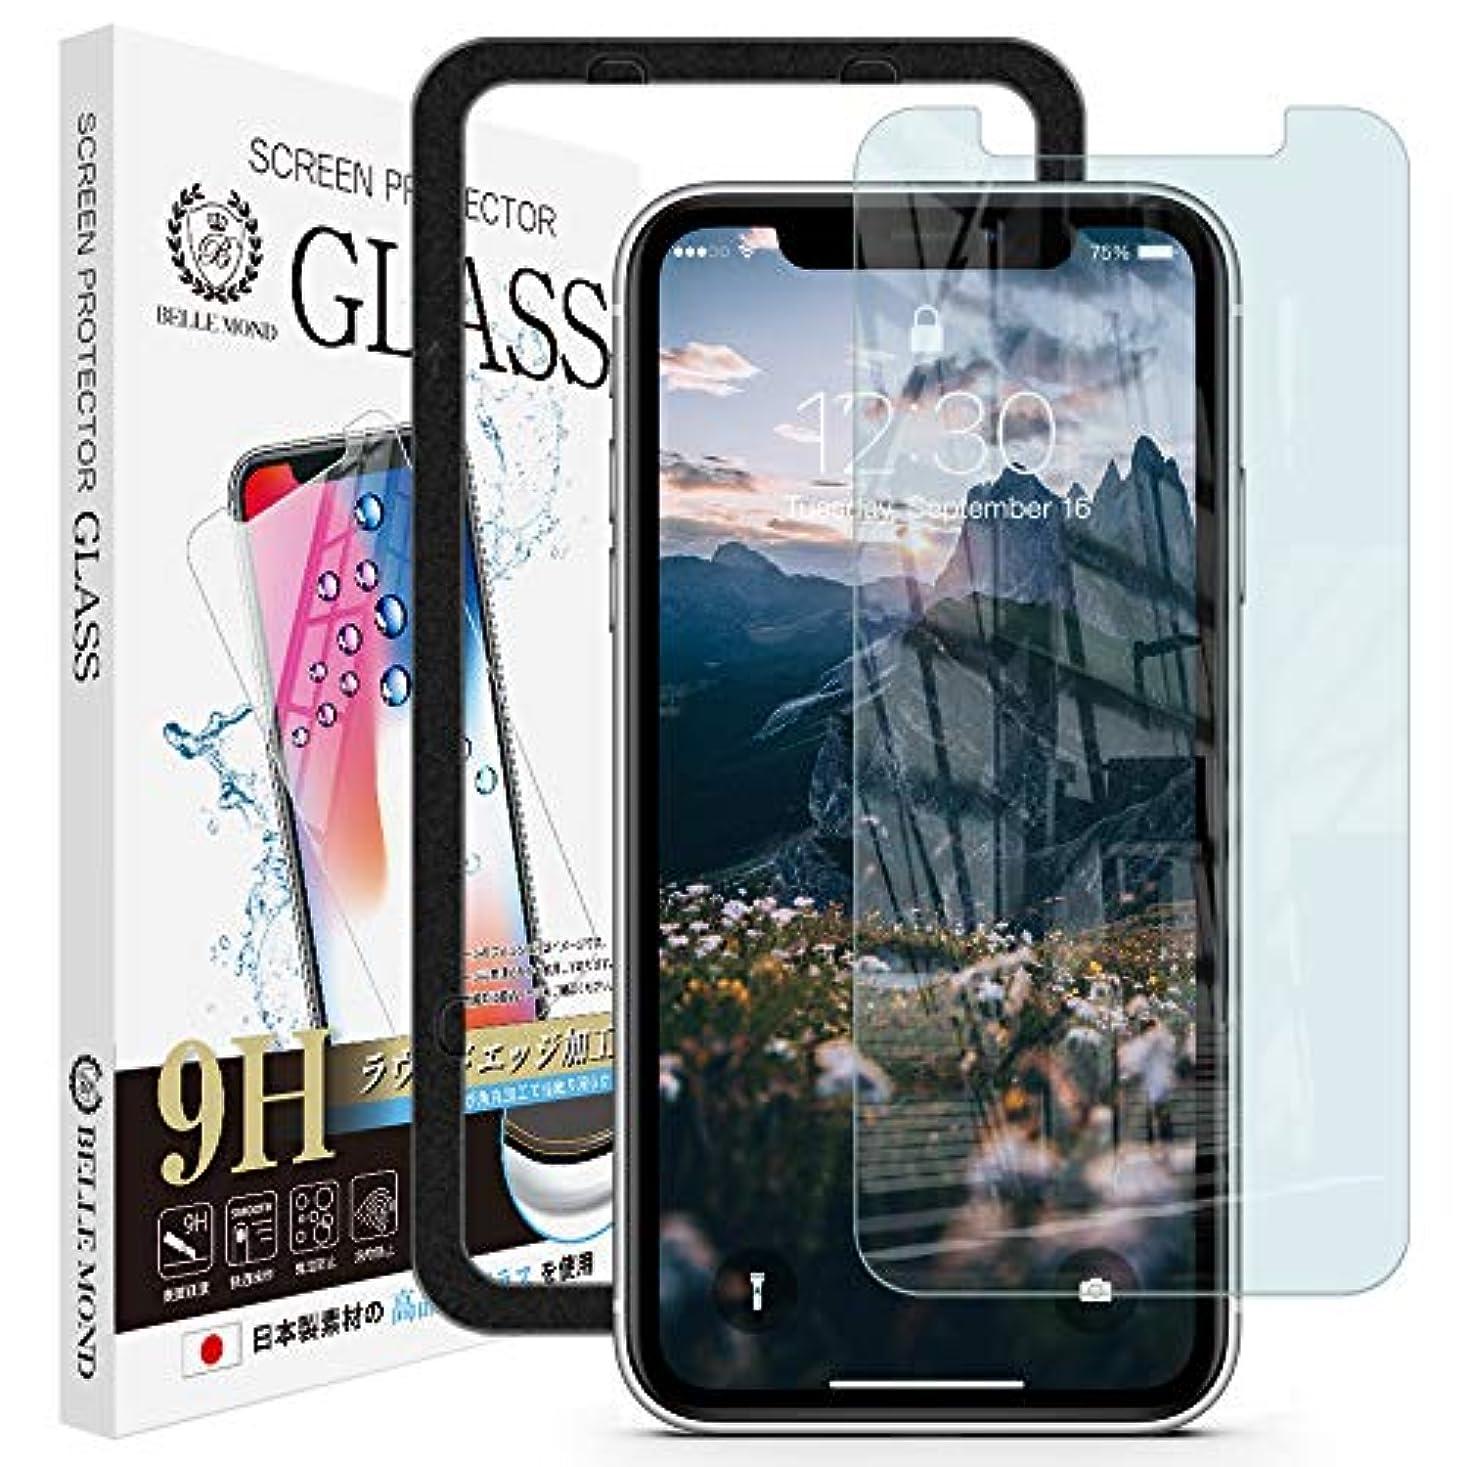 時代非公式振る舞いiPhone 11 / iPhone XR ブルーライトカット ガラスフィルム 【簡単貼付けガイド枠付き】 指紋防止 保護フィルム 【BELLEMOND】 iPhone 11/XR GBL 枠付き